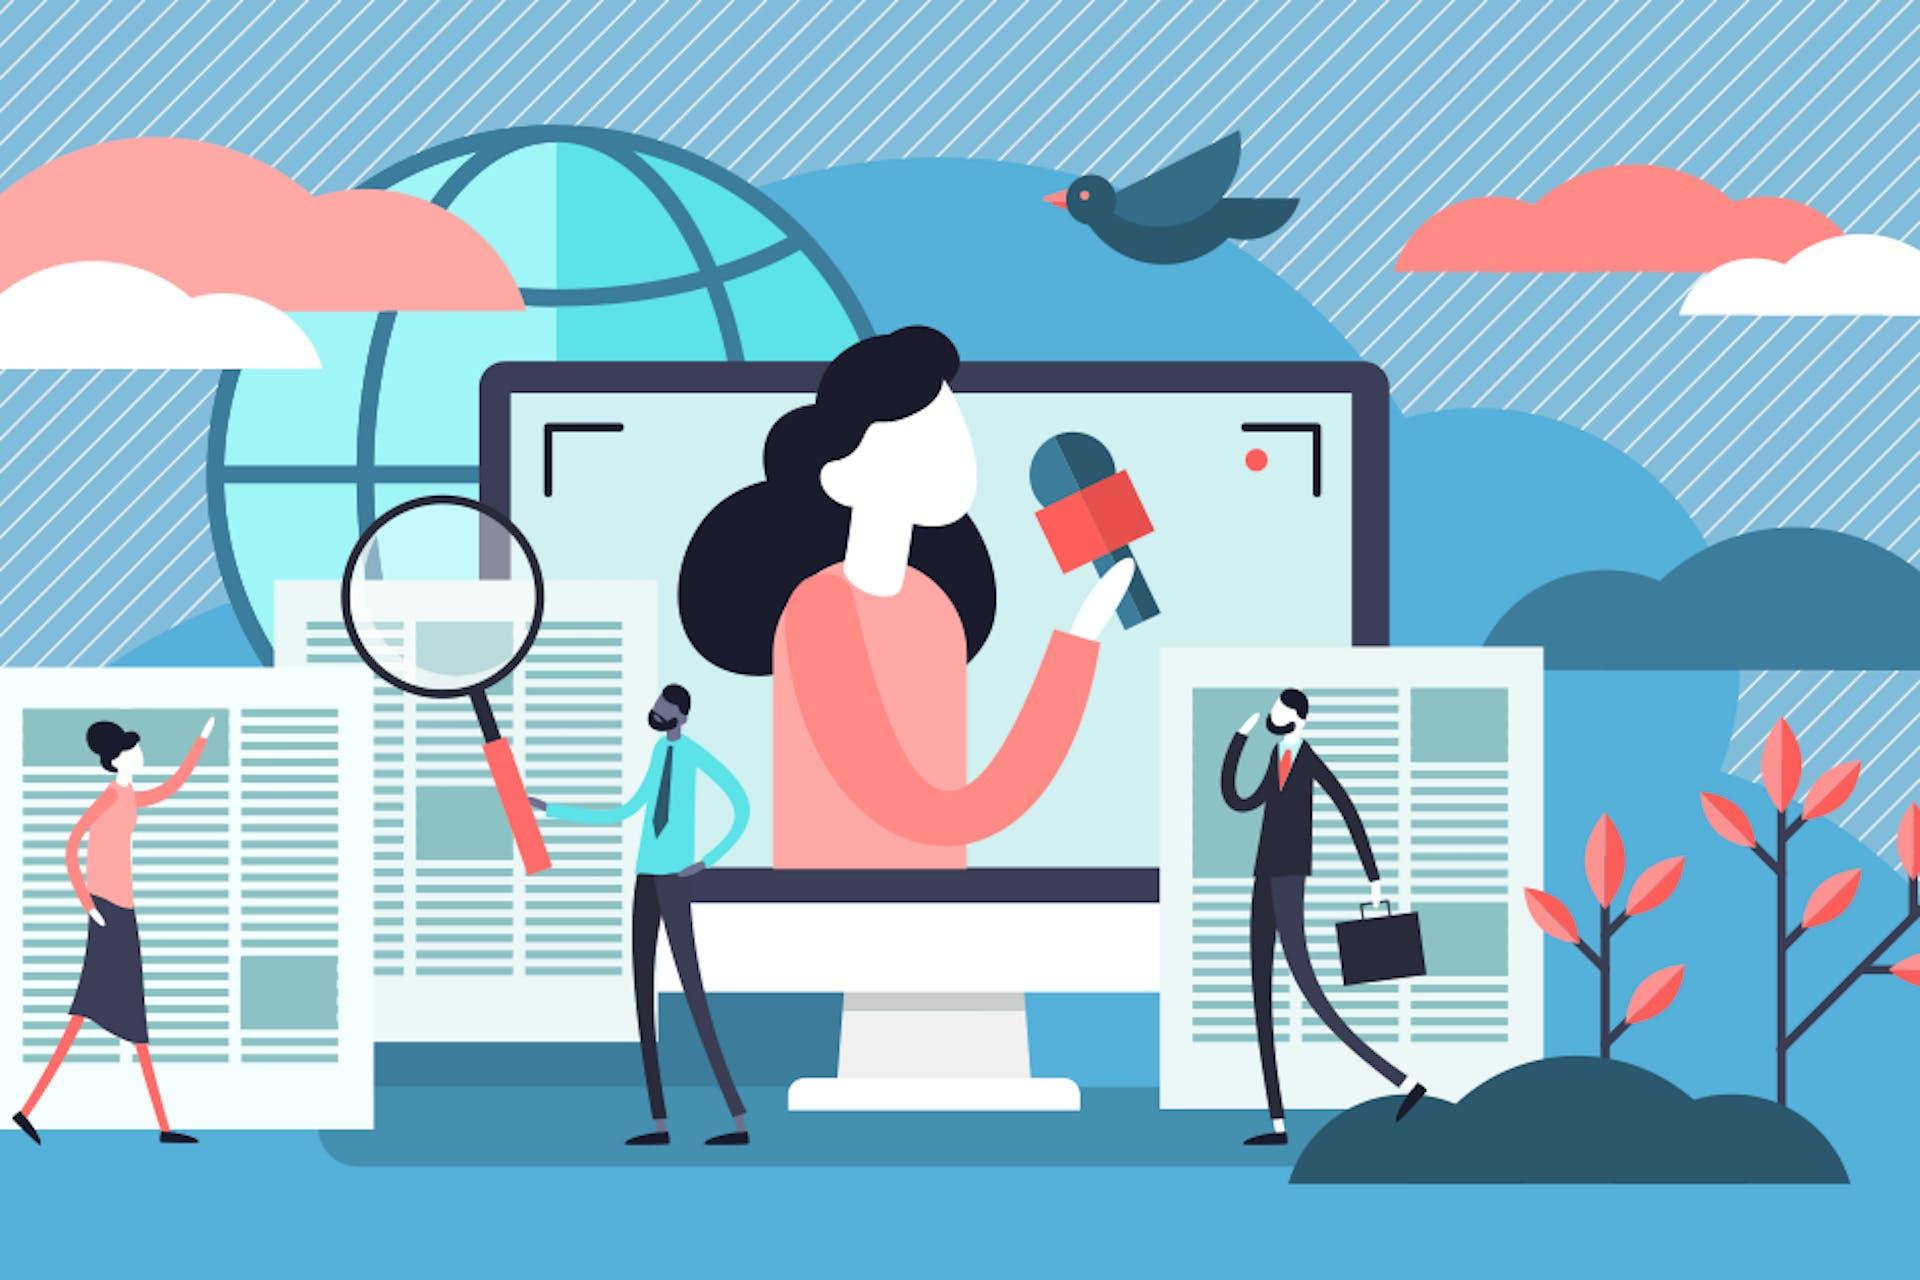 Mitä uutisia ihmiset jakoivat eniten sosiaaliseen mediaan?